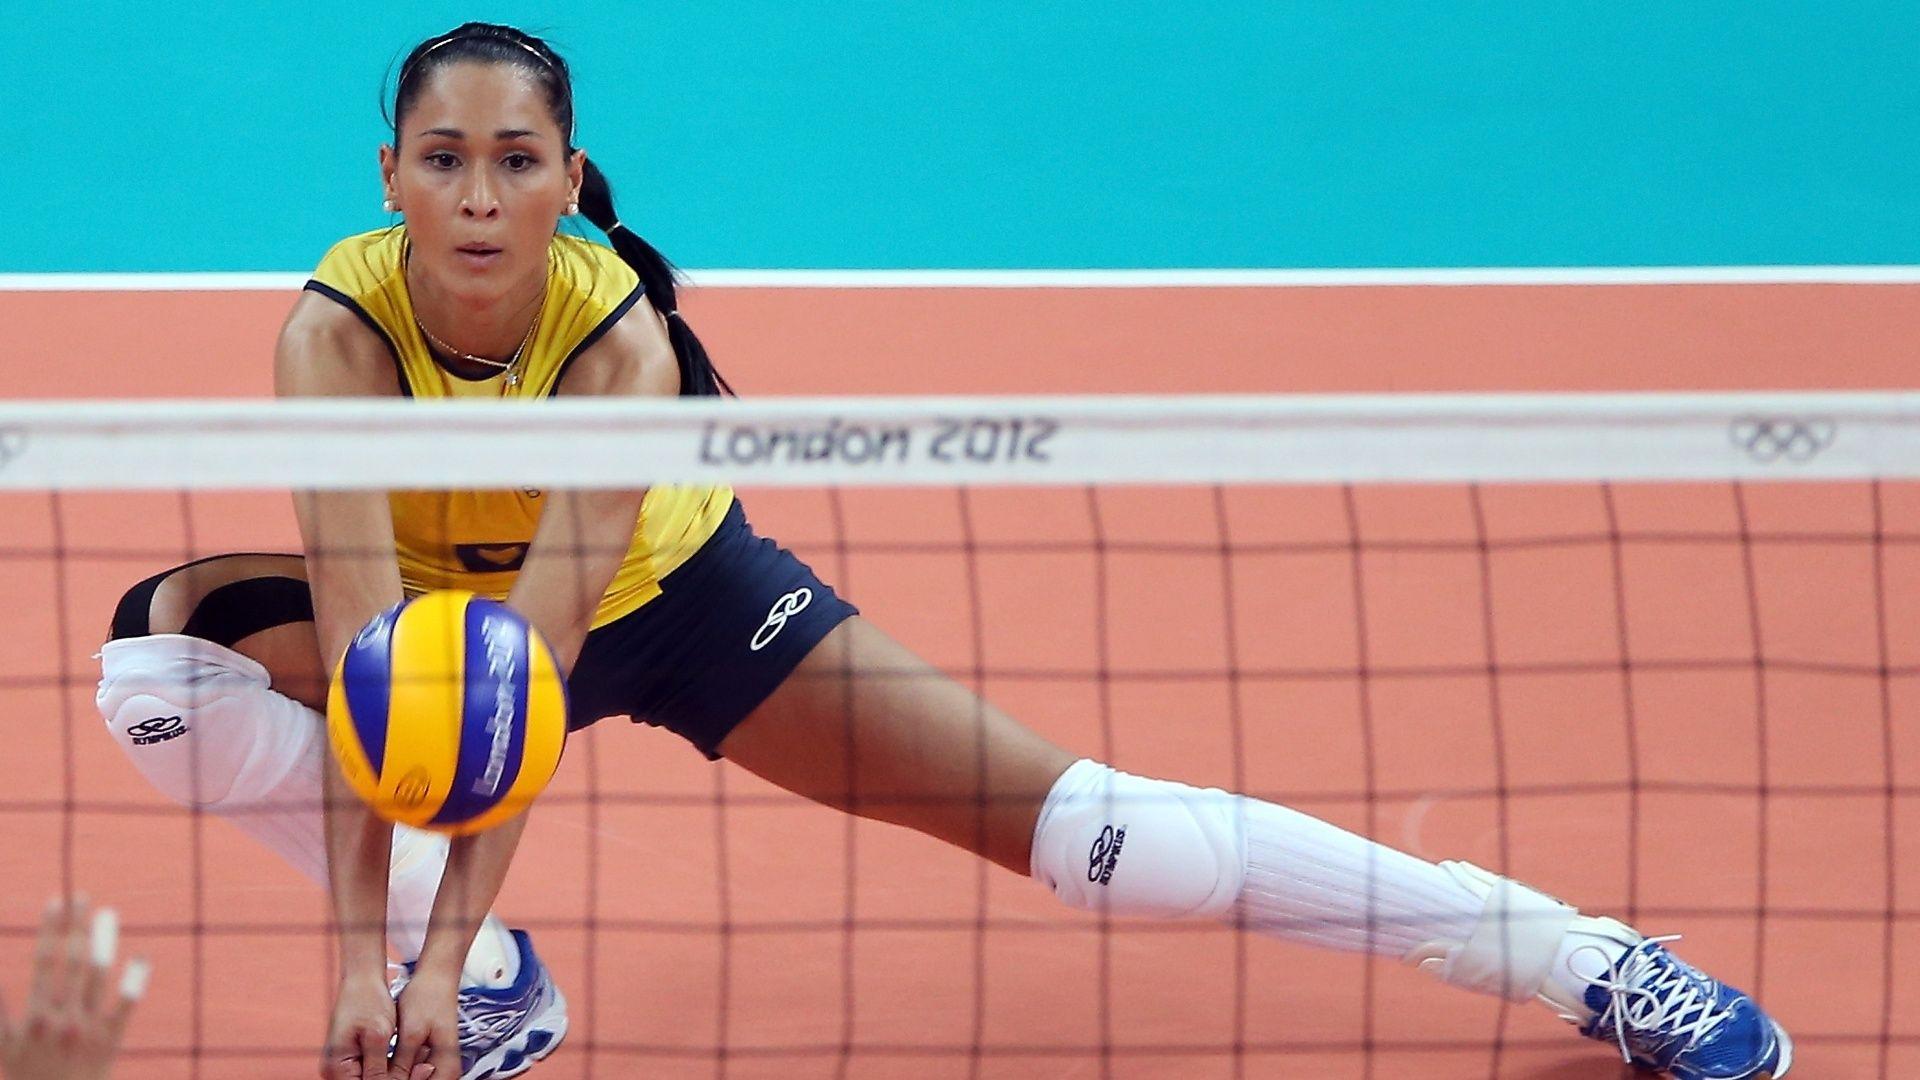 Hd Wallpaper Sports Volei Juegos Olimpicos Londres 2012 Juegos Olimpicos Jugadoras De Voleibol